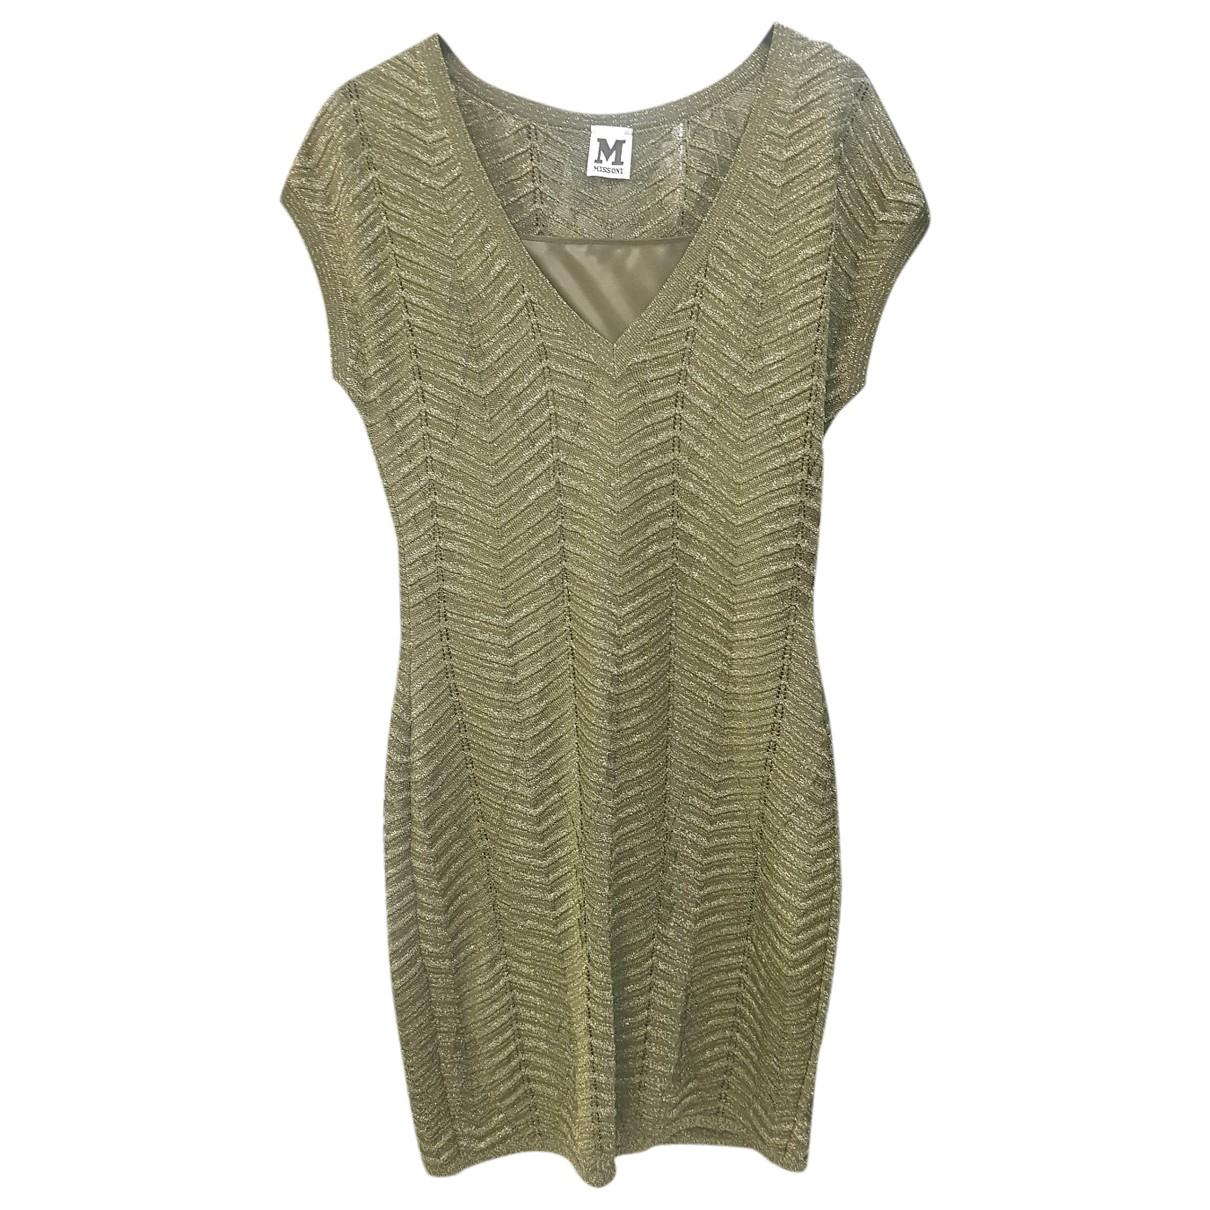 M Missoni \N Kleid in  Gruen Baumwolle - Elasthan